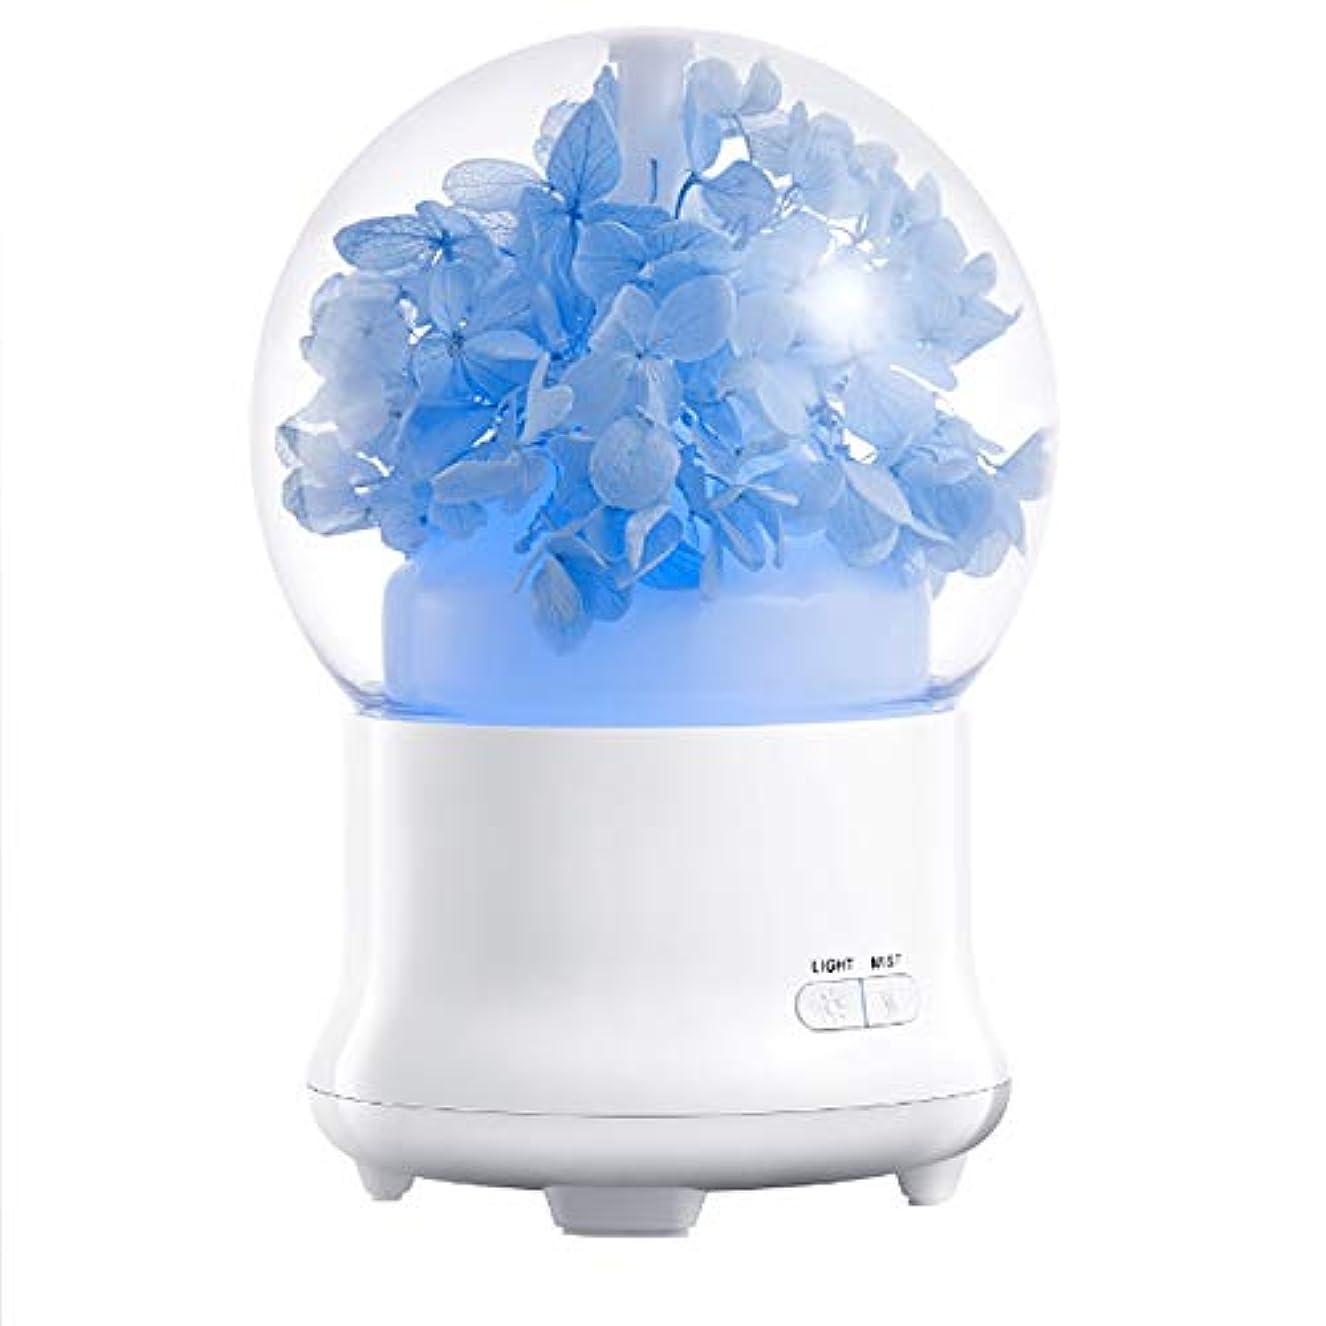 虹ドル落胆する100ml 加湿器アロマセラピーマシン永遠の花クリーンエアタイマーと自動オフ安全スイッチオフィスホームベッドルームリビングルームスタディヨガスパ USB 充電,1